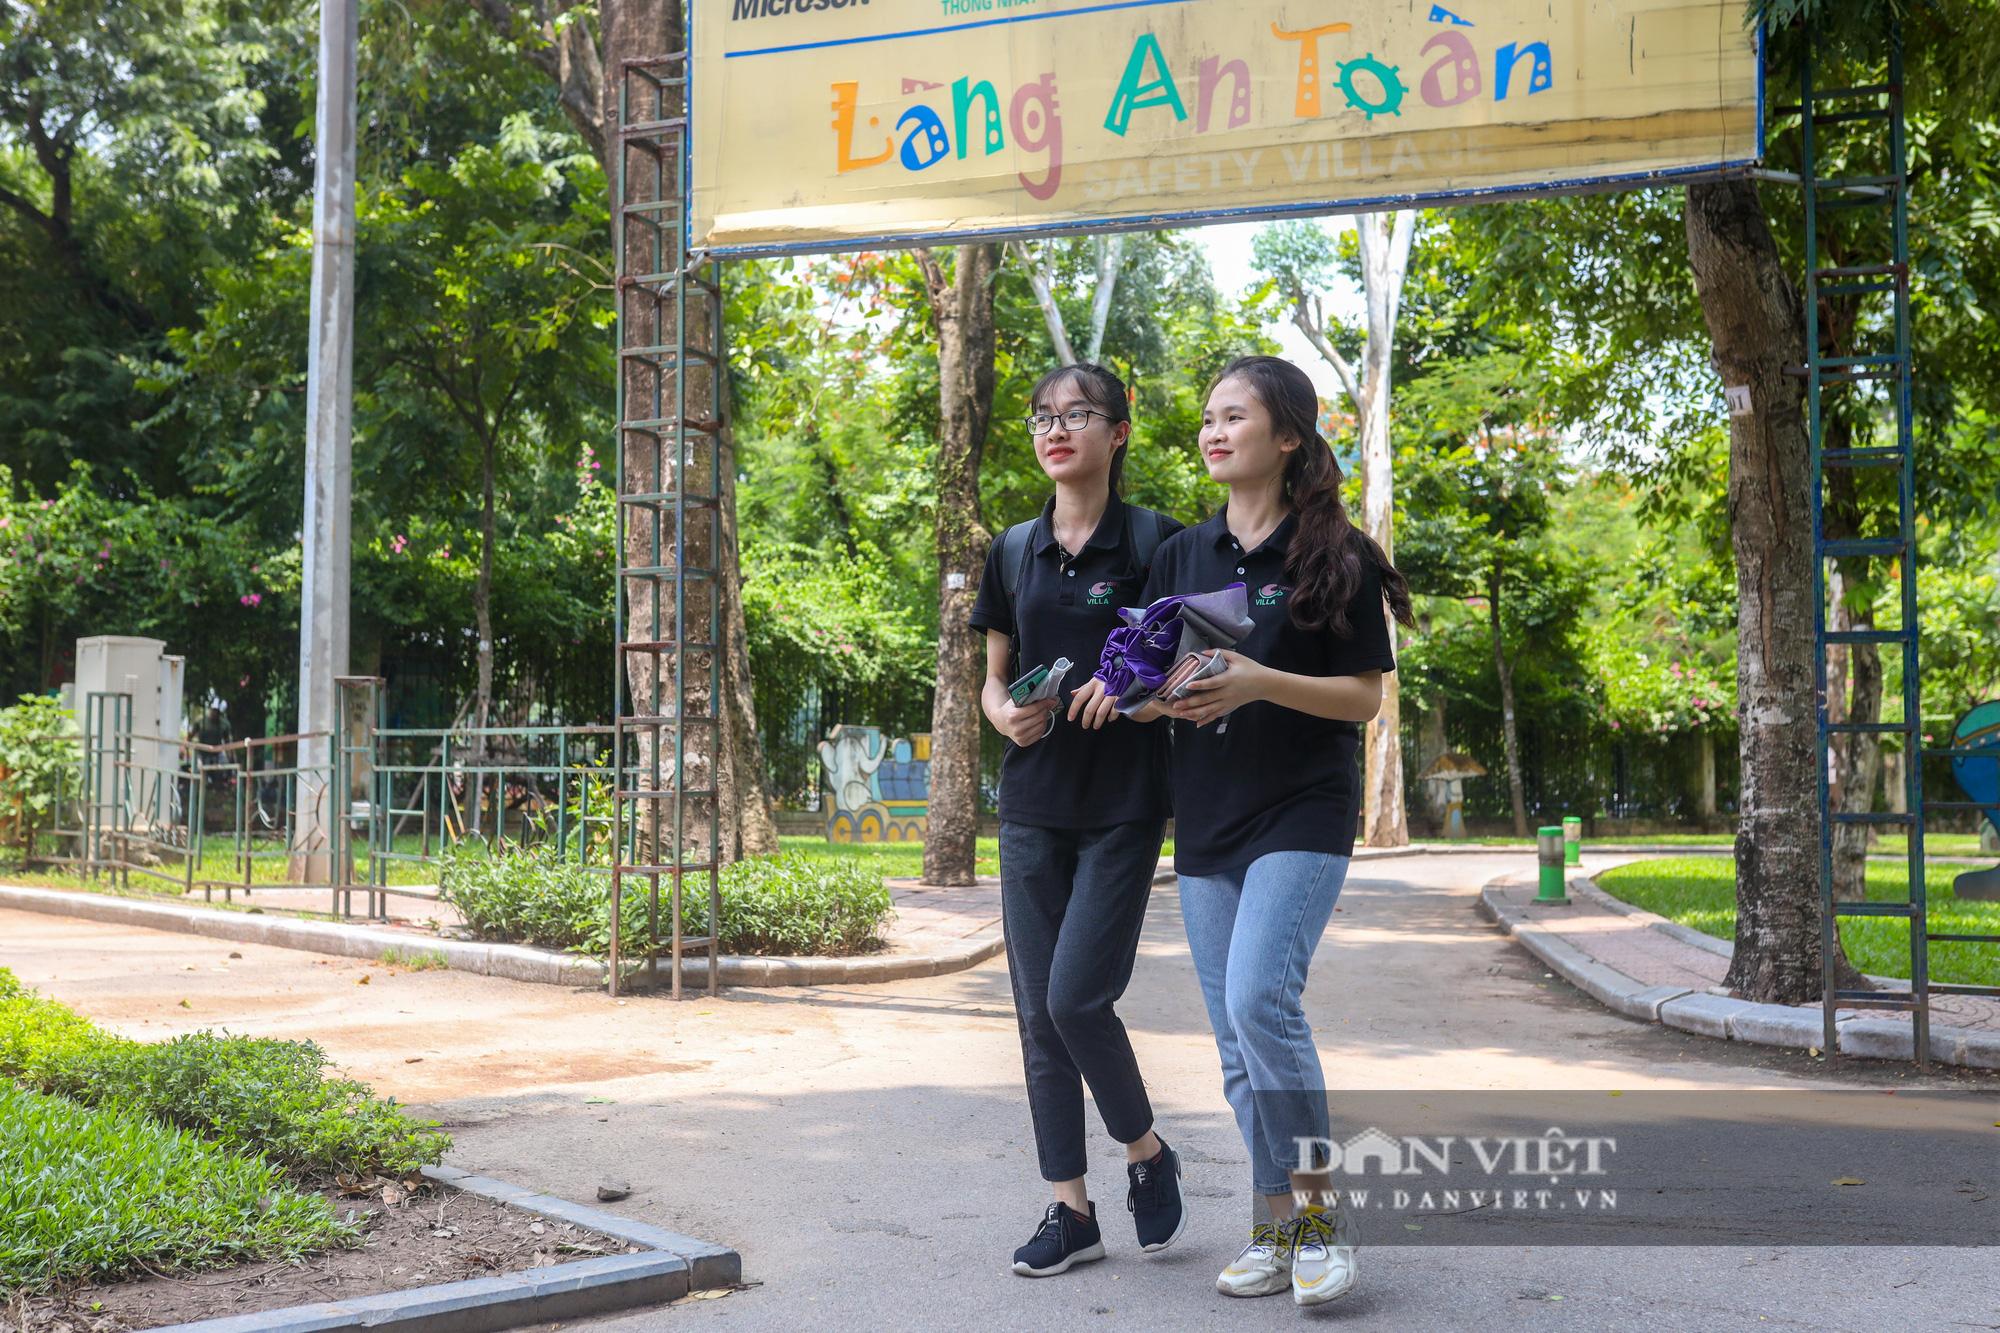 Hà Nội: Nhiều trò chơi trong công viên Thống Nhất ế ẩm, xuống cấp - Ảnh 13.